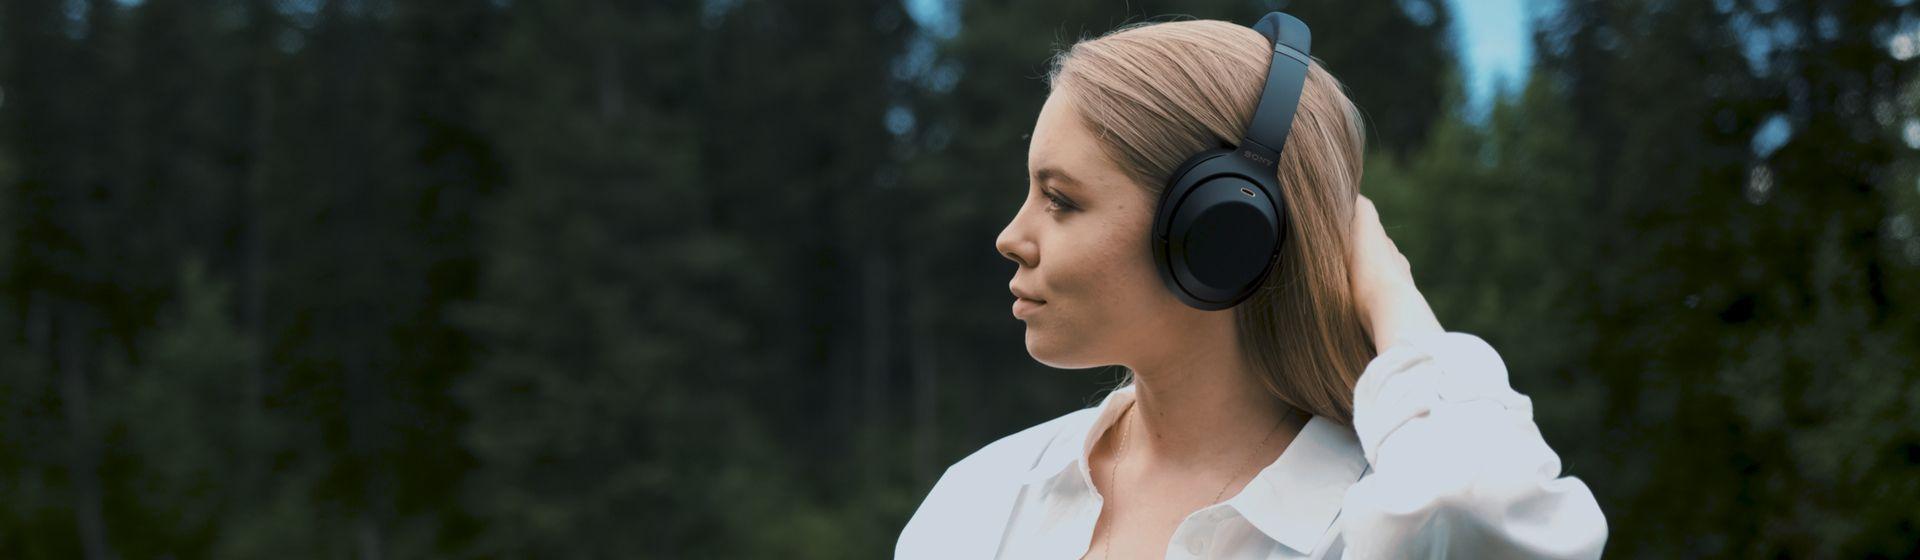 Melhor fone over ear: confira modelos para comprar em 2021